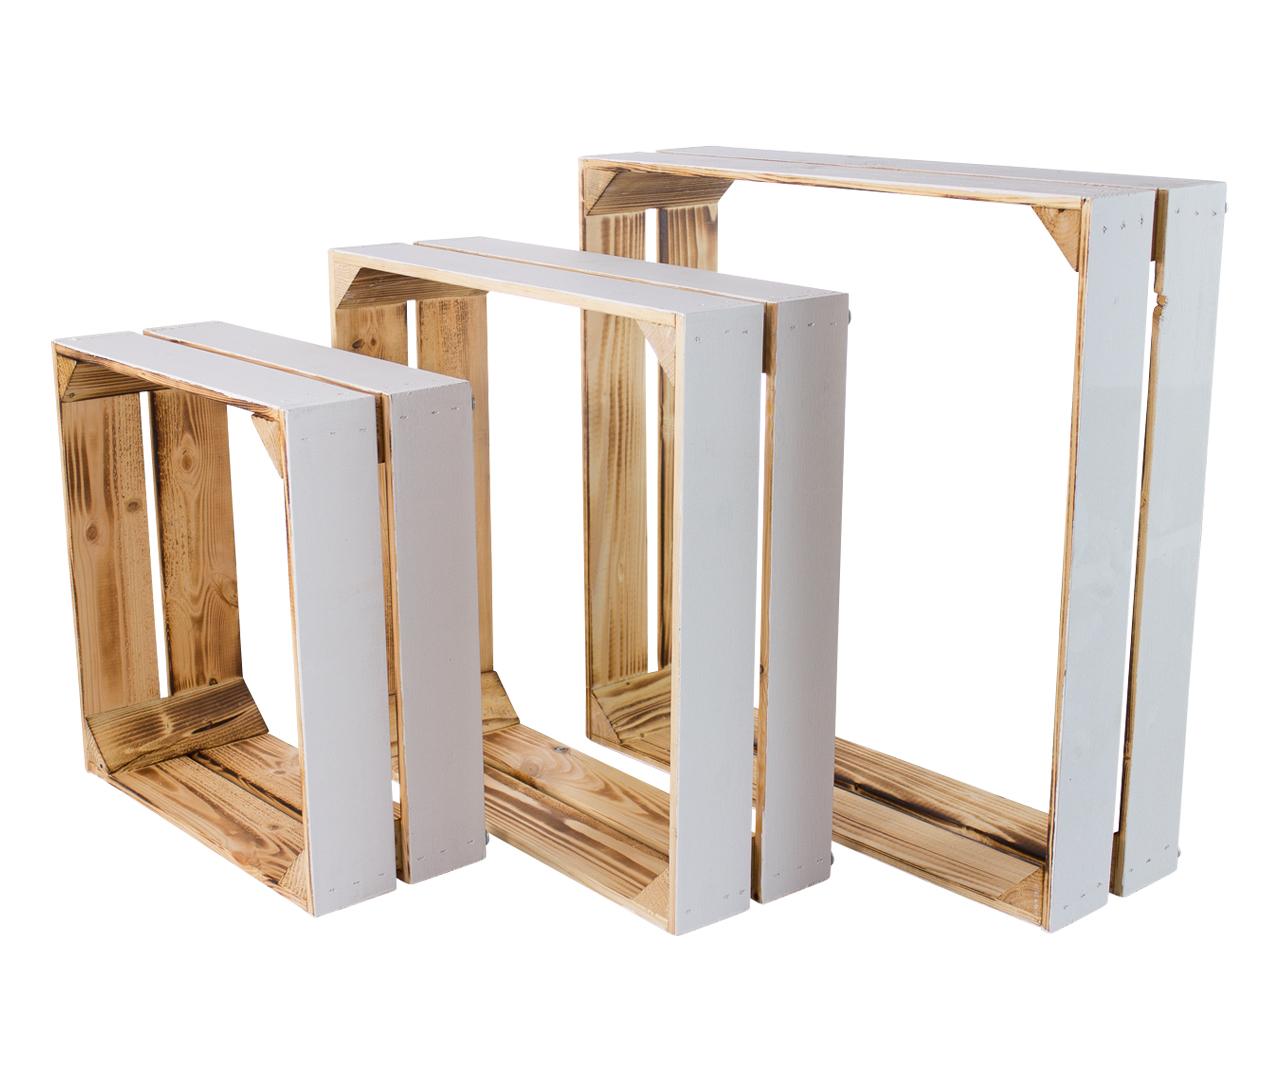 Dekokiste in drei praktischen Größen Weiß Geflammt Rustikal Massivholz Möbelstück Accessoire